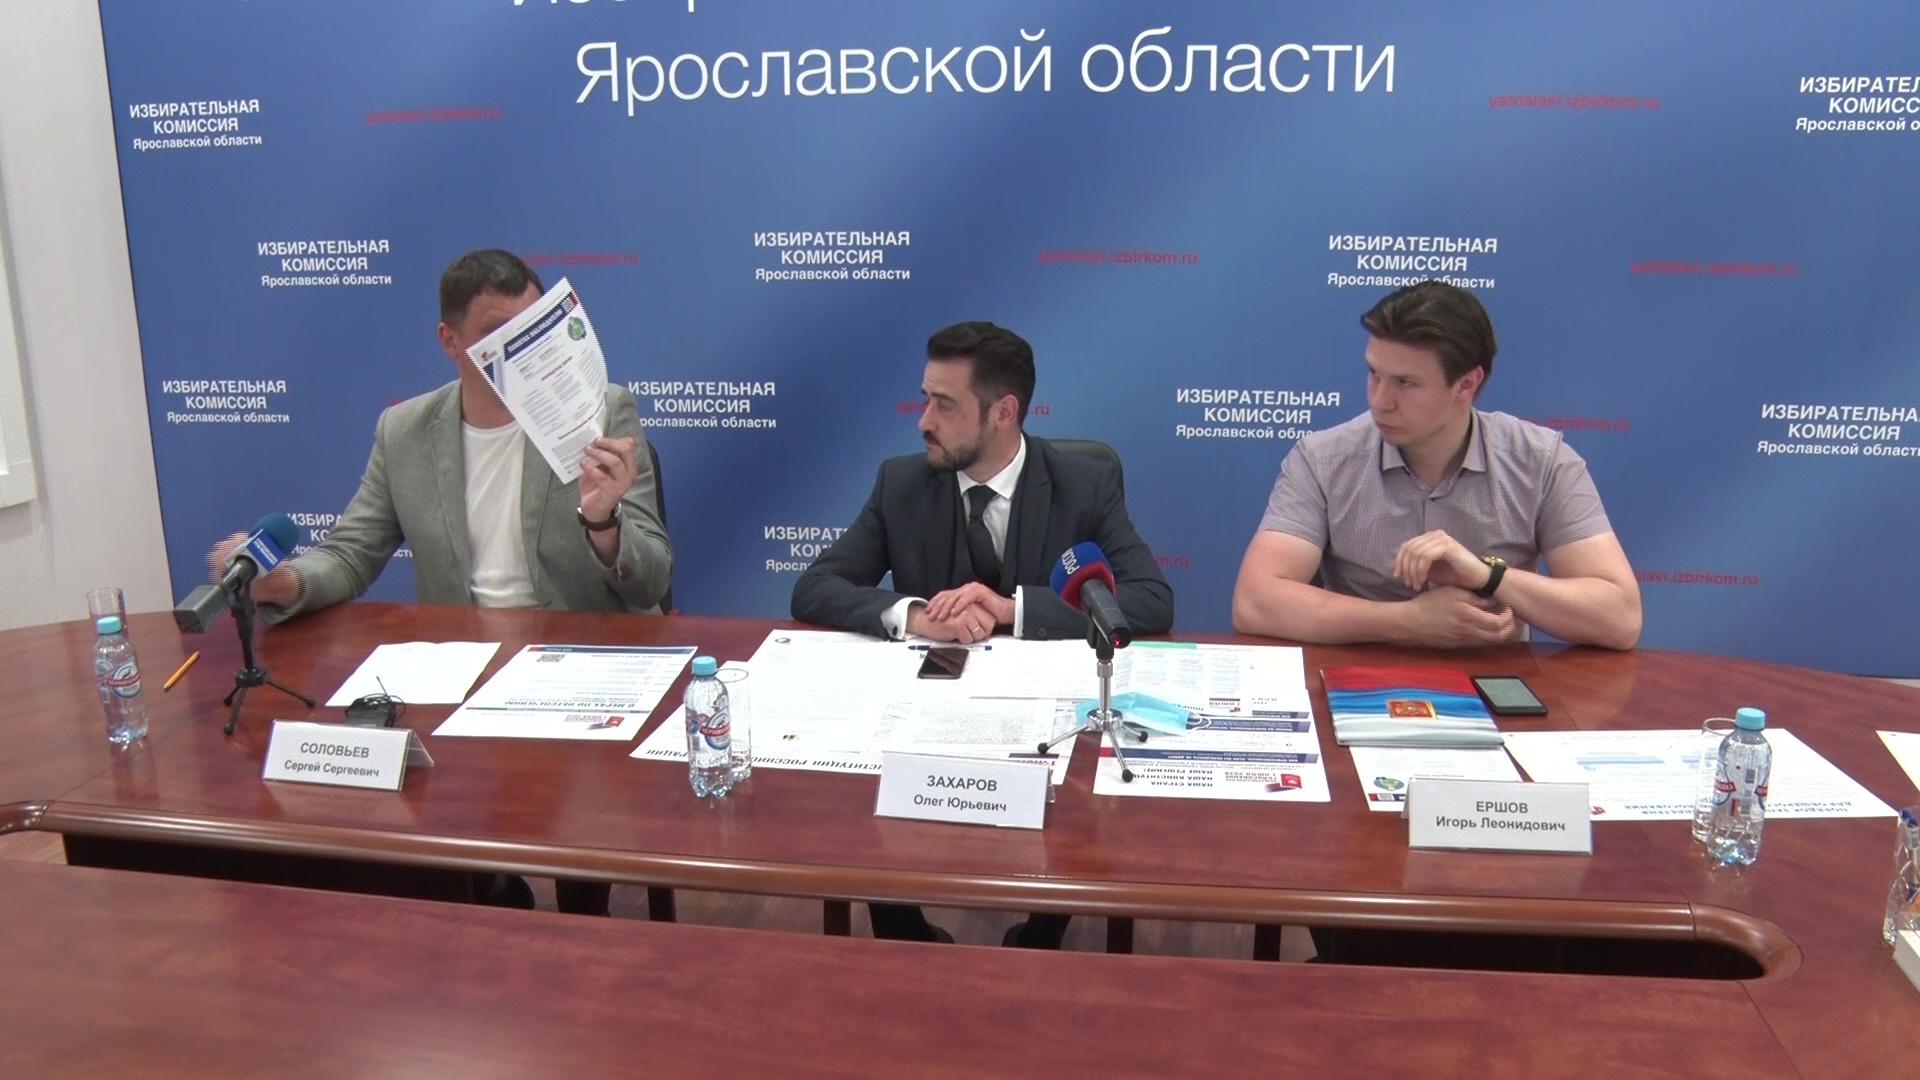 Областной избирком заявил о стопроцентной готовности к голосованию по поправкам в Конституцию